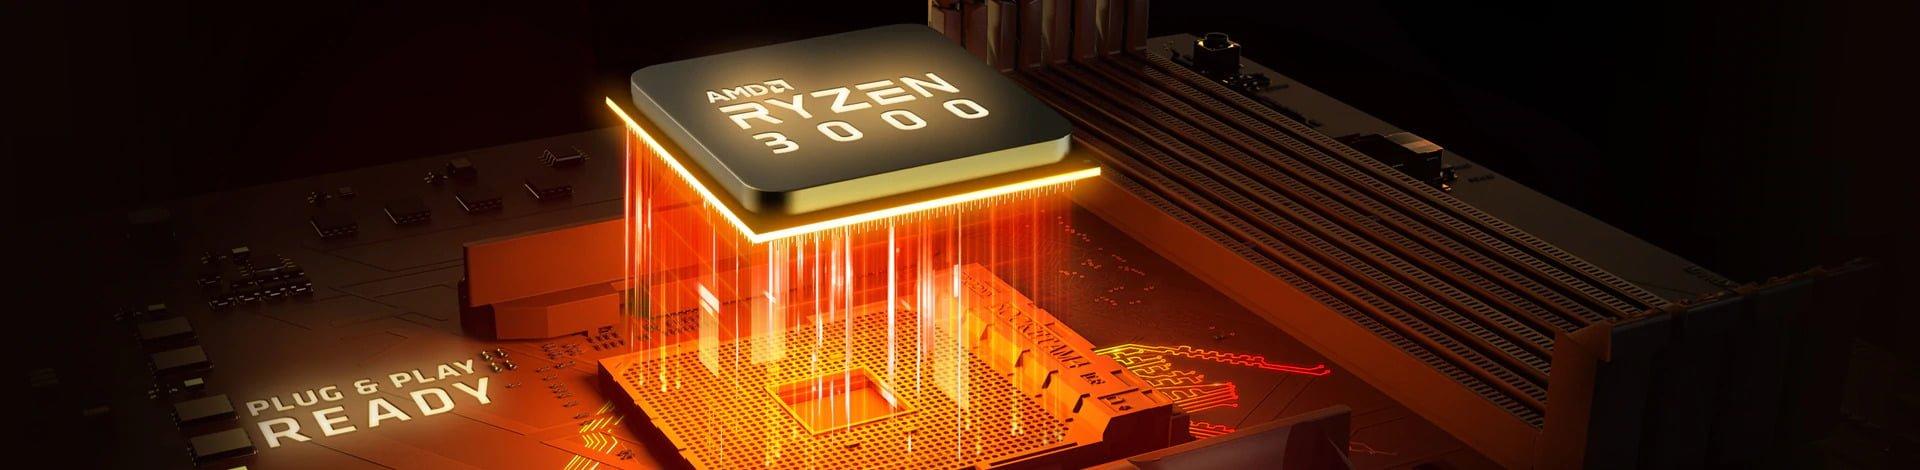 AMD może przegonić Intela - znamy specyfikację 3. generacji procesorów Ryzen